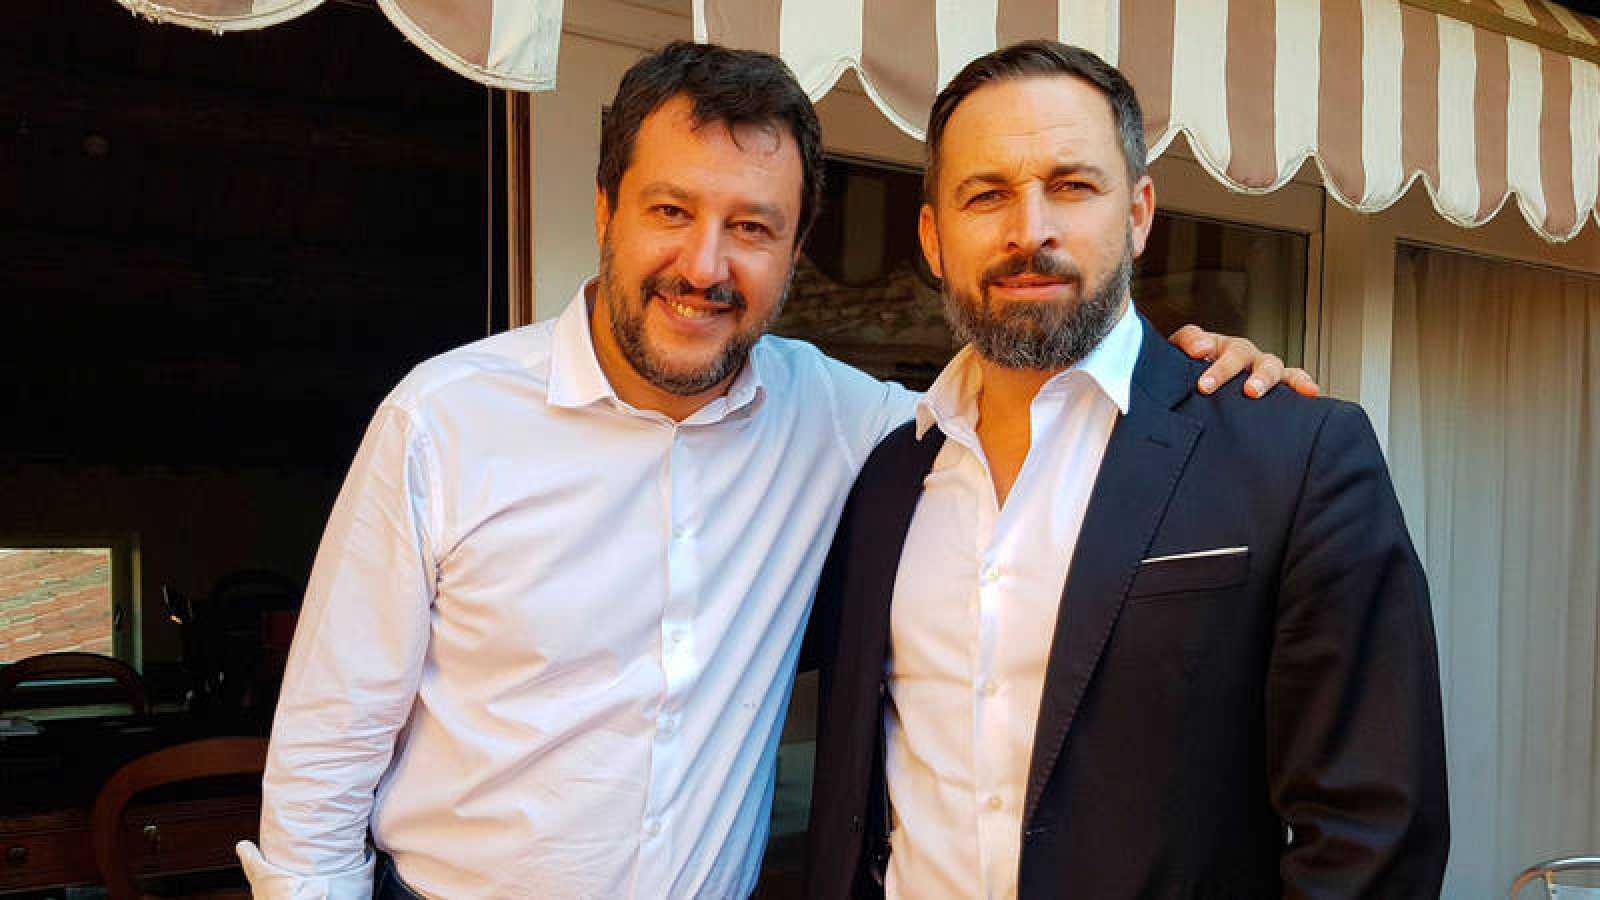 Imagen del encuentro entre Santiago Abascal (d) y Matteo Salvini (i) el pasado septiembre en Roma